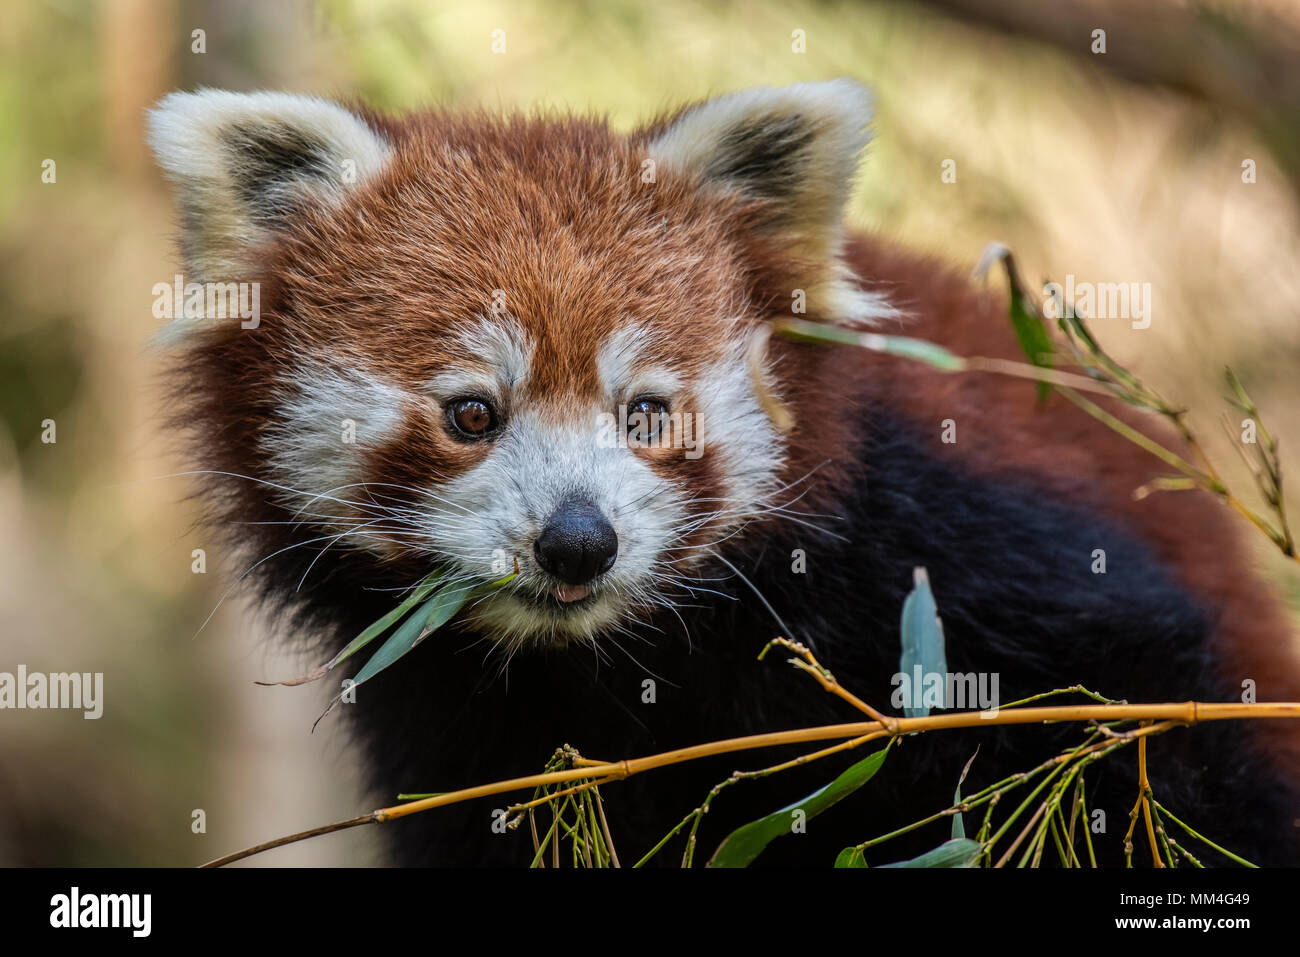 Le Panda rouge ou également connu sous le nom de l'Cat-Bear rouge. Il est légèrement plus grand qu'un chat domestique et est mosty trouvés dans l'Est de l'Himalaya Photo Stock